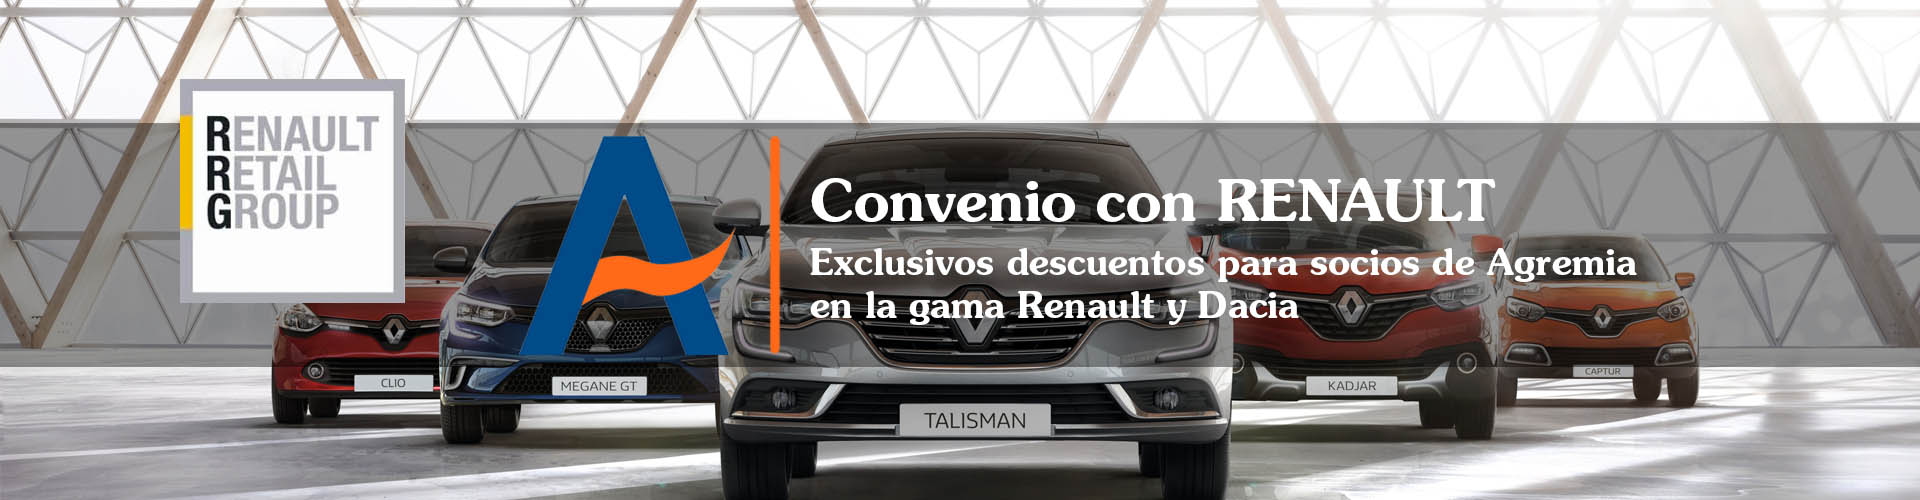 Convenio RENAULT